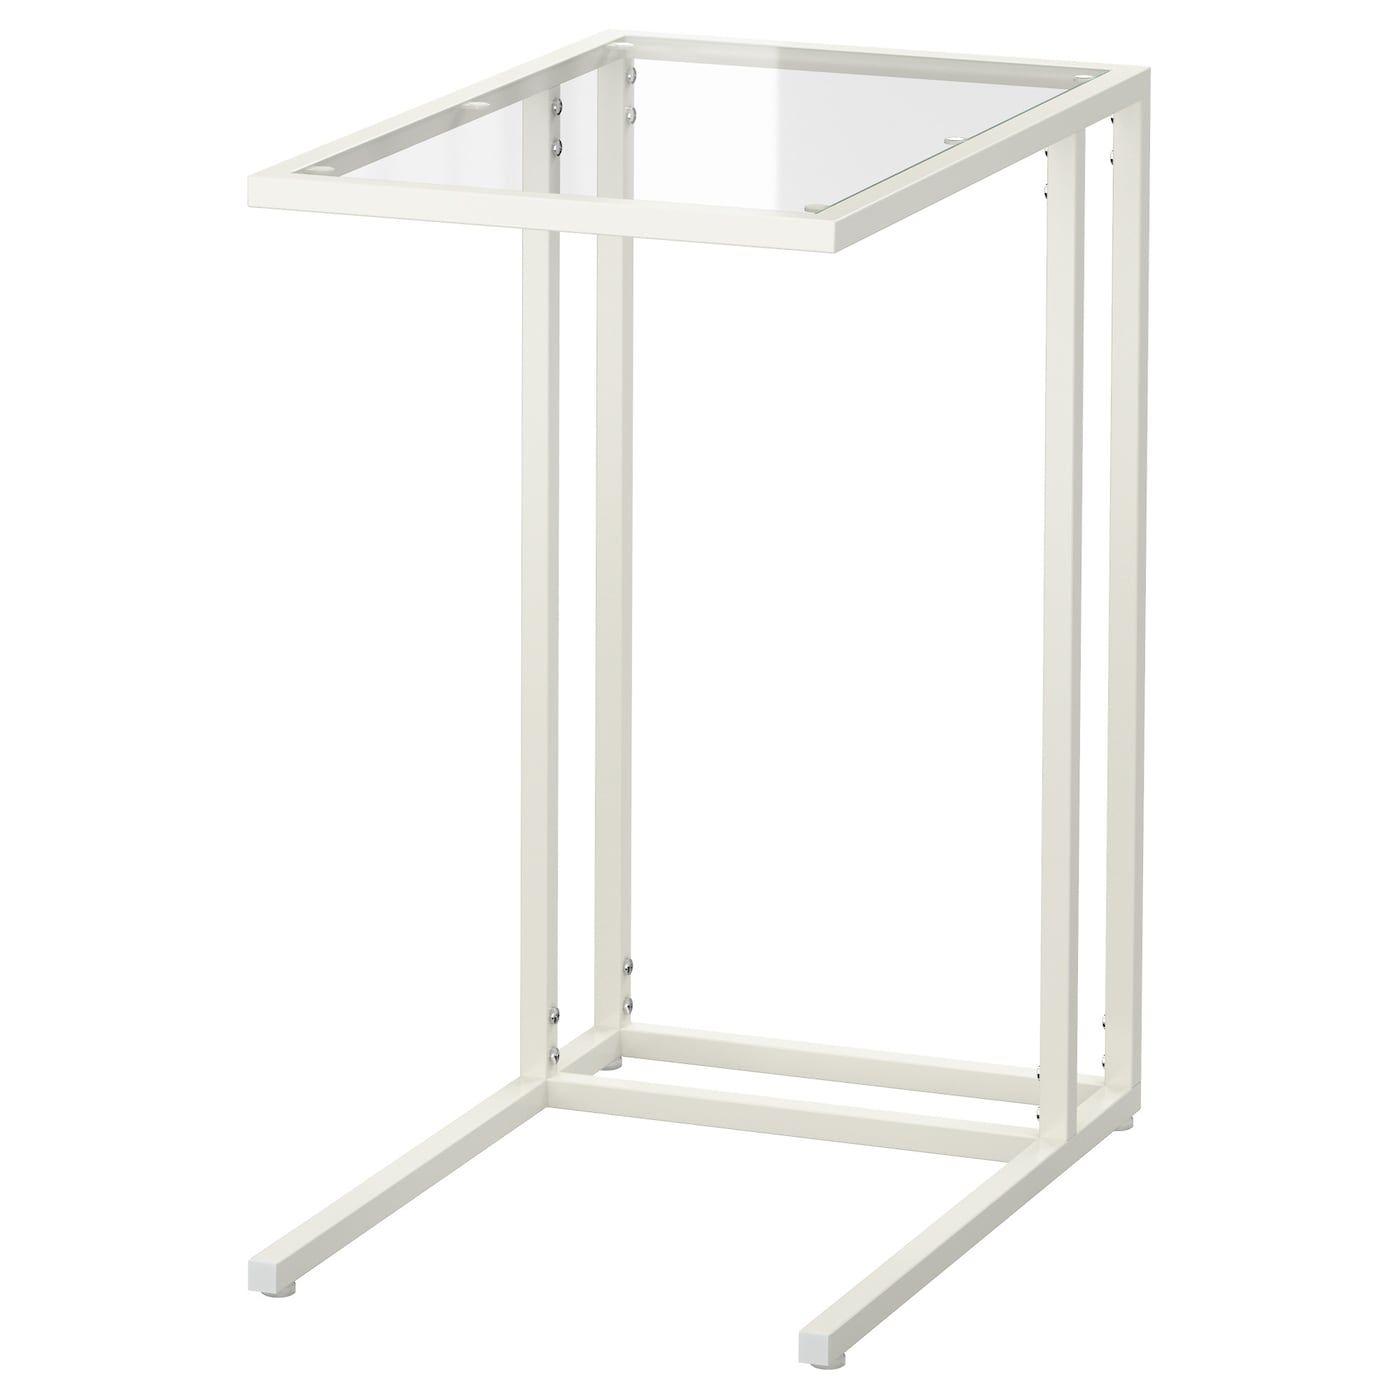 VITTSJÖ Laptop stand - white/glass - IKEA